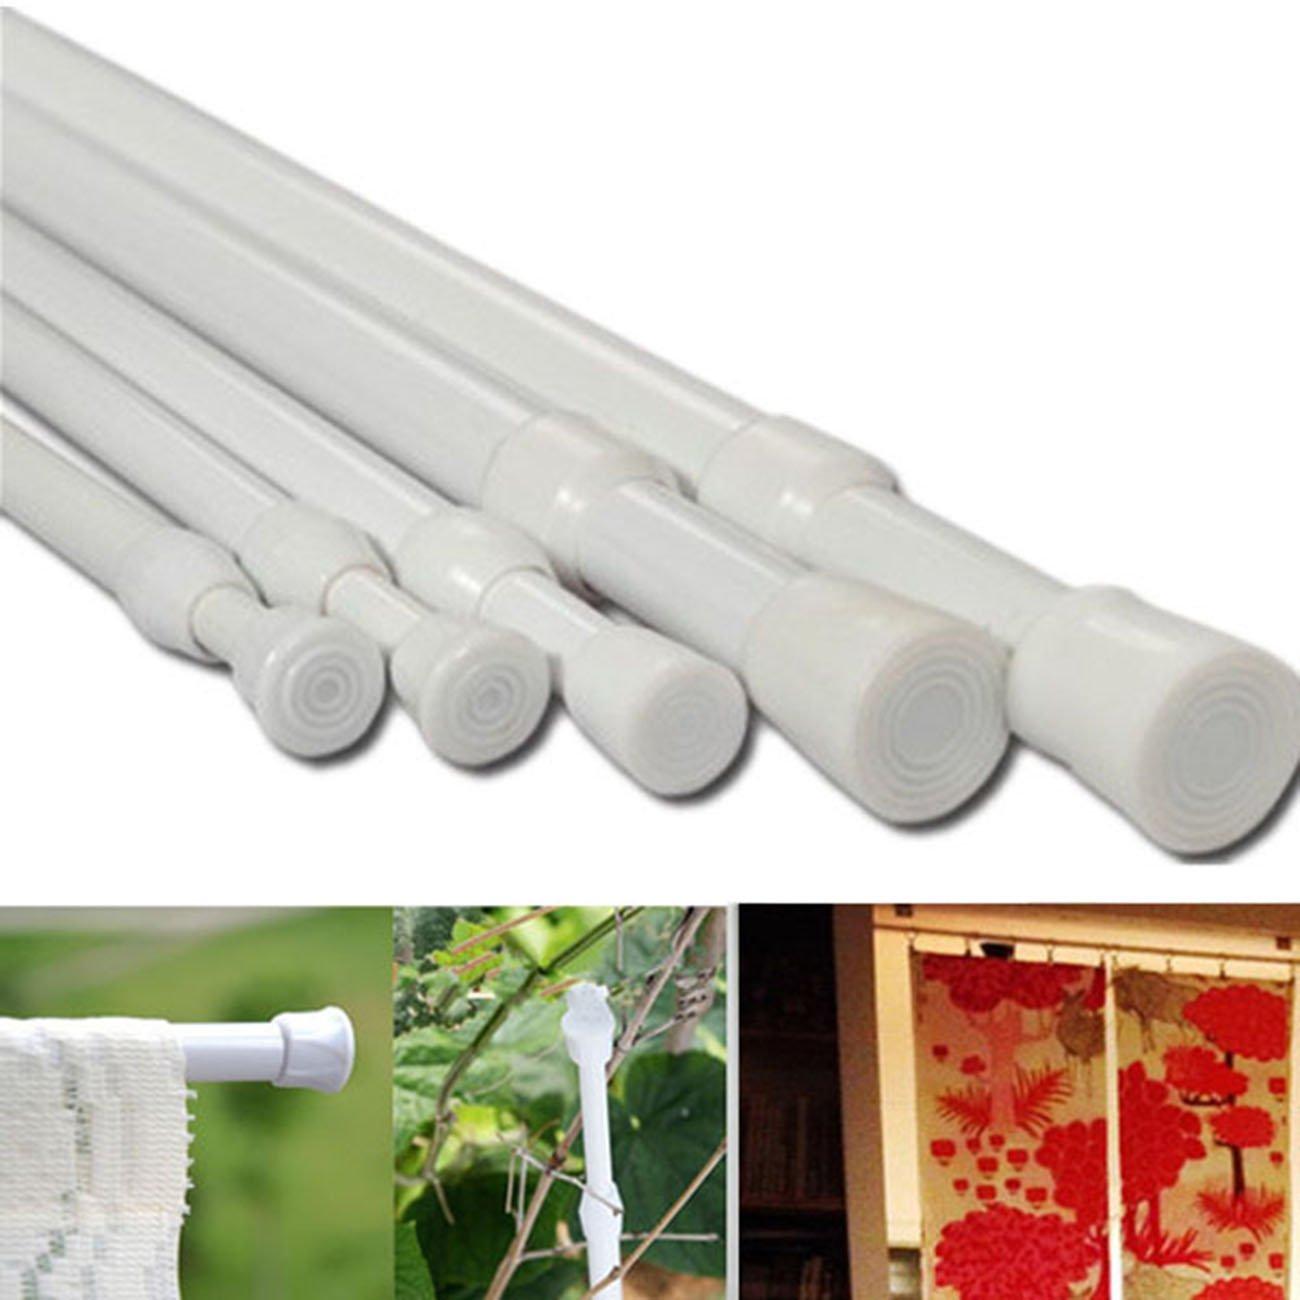 27-49''/70-124cm Extendable Window Curtain Telescopic Pole Shower Curtain Rod